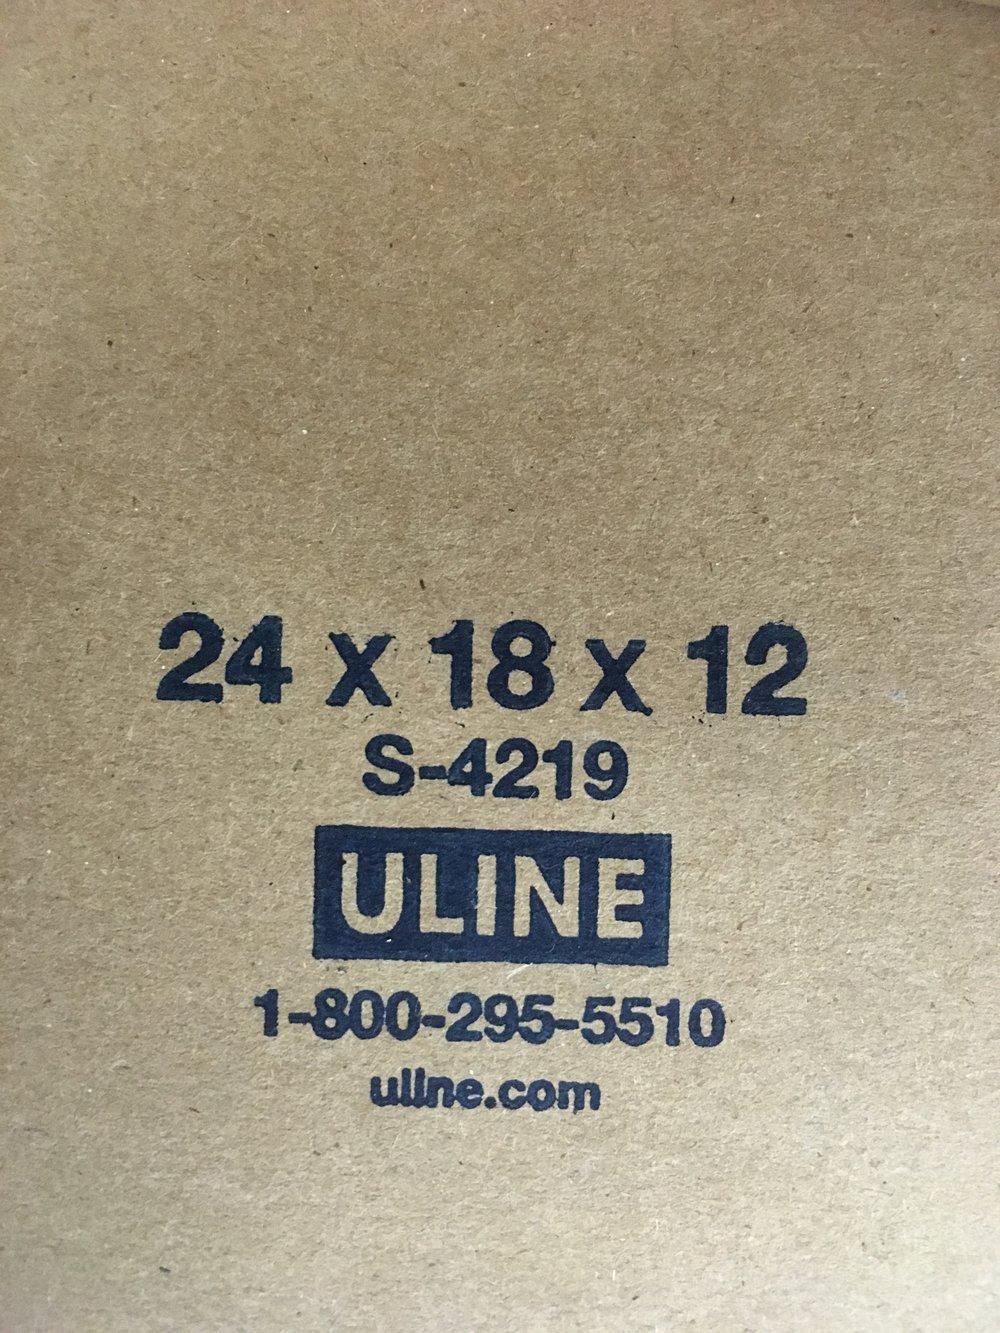 boxes, 24x18x12, 40 total